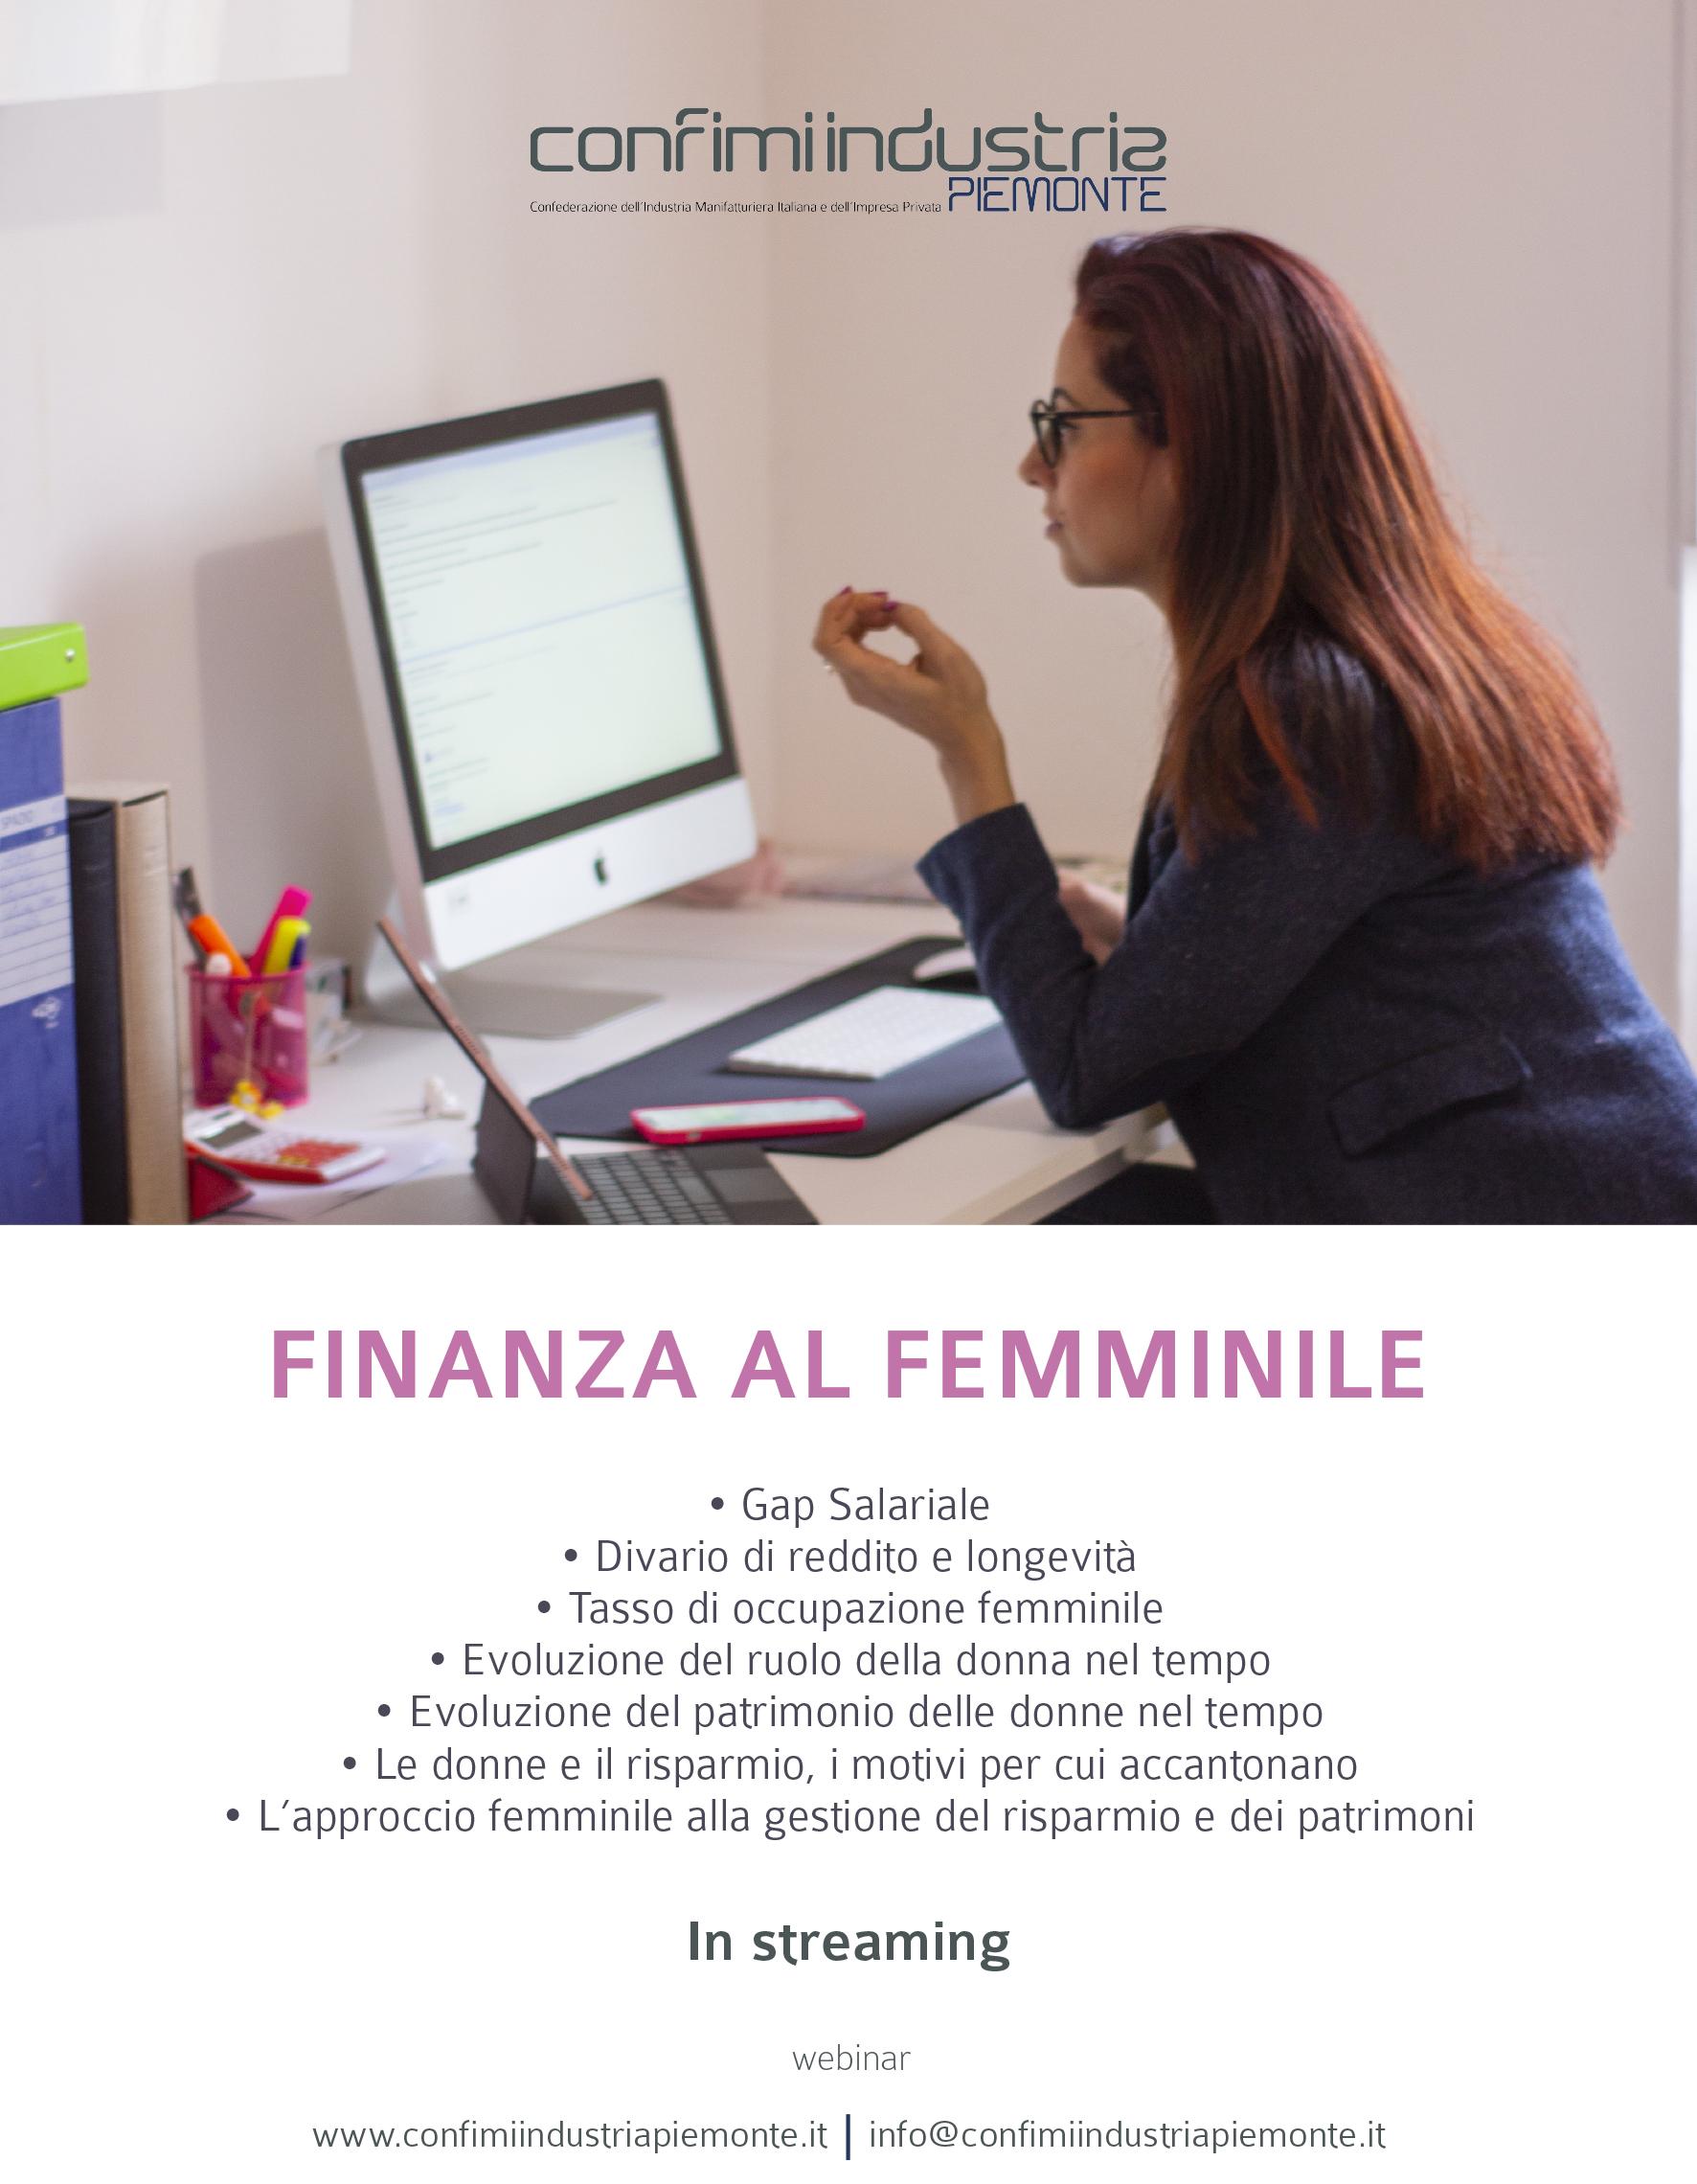 Flyer - Finanza al femminile